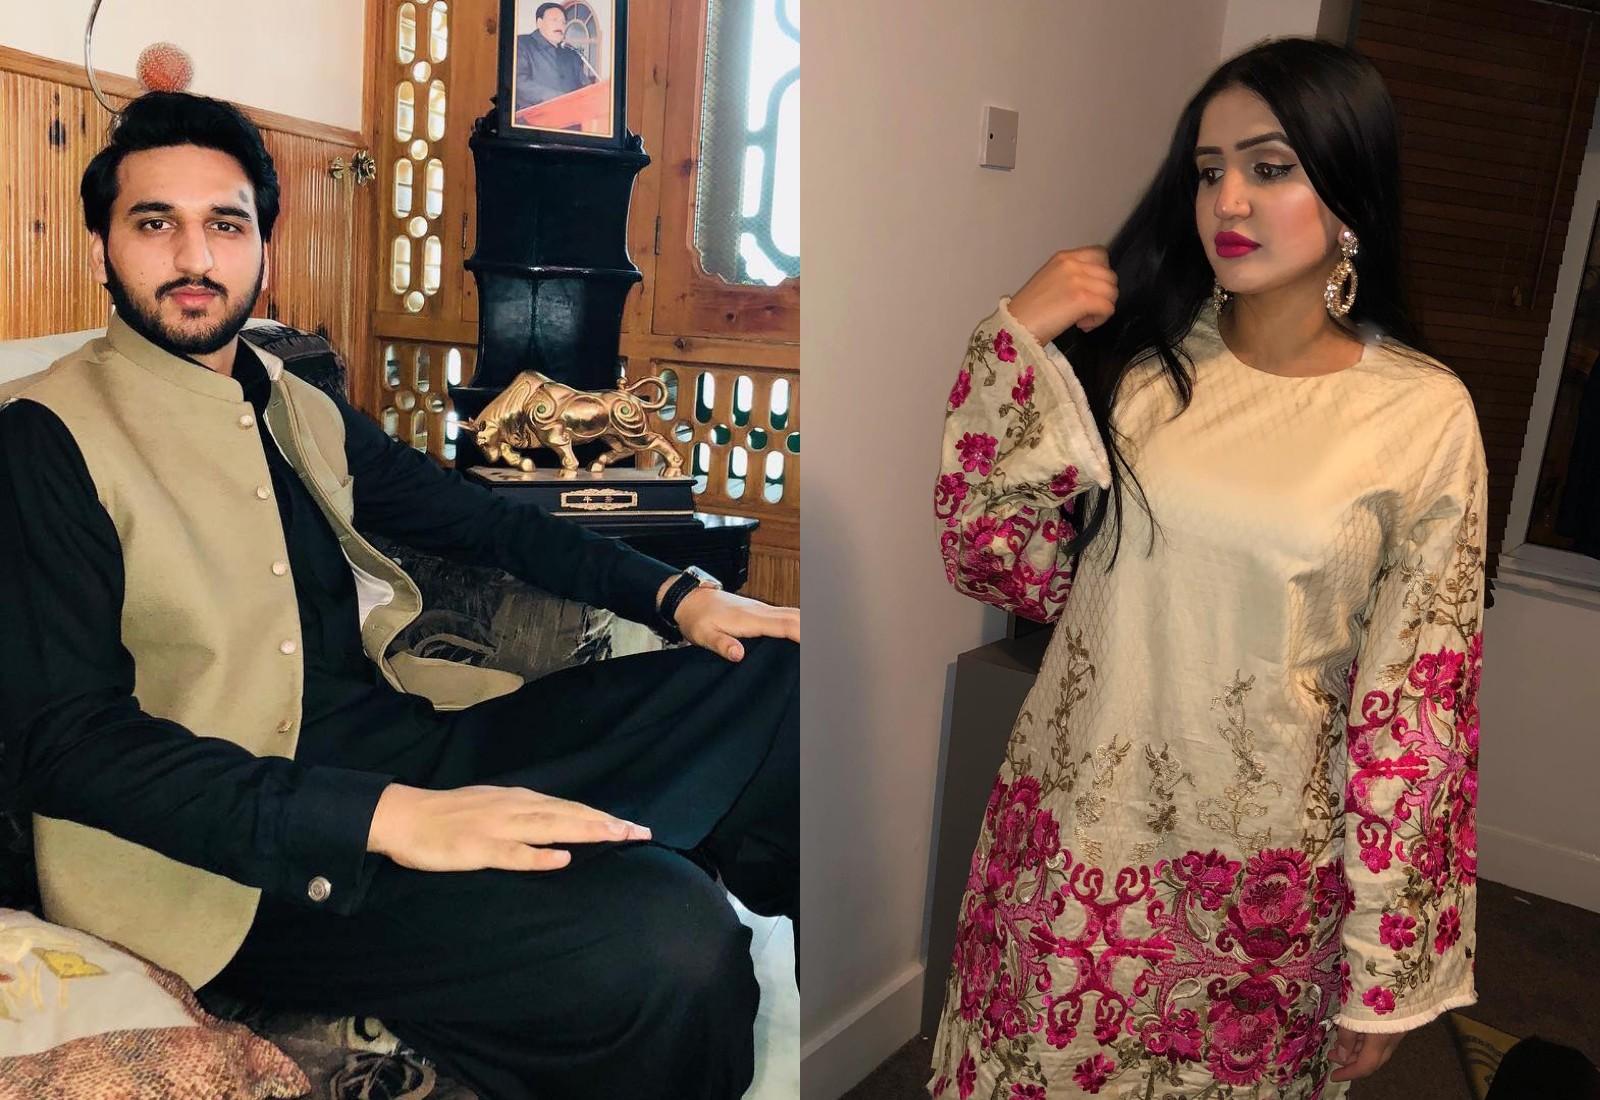 Фото © Facebook / Zahir Buland Khan, Jadoon Mayra Zulfiqar